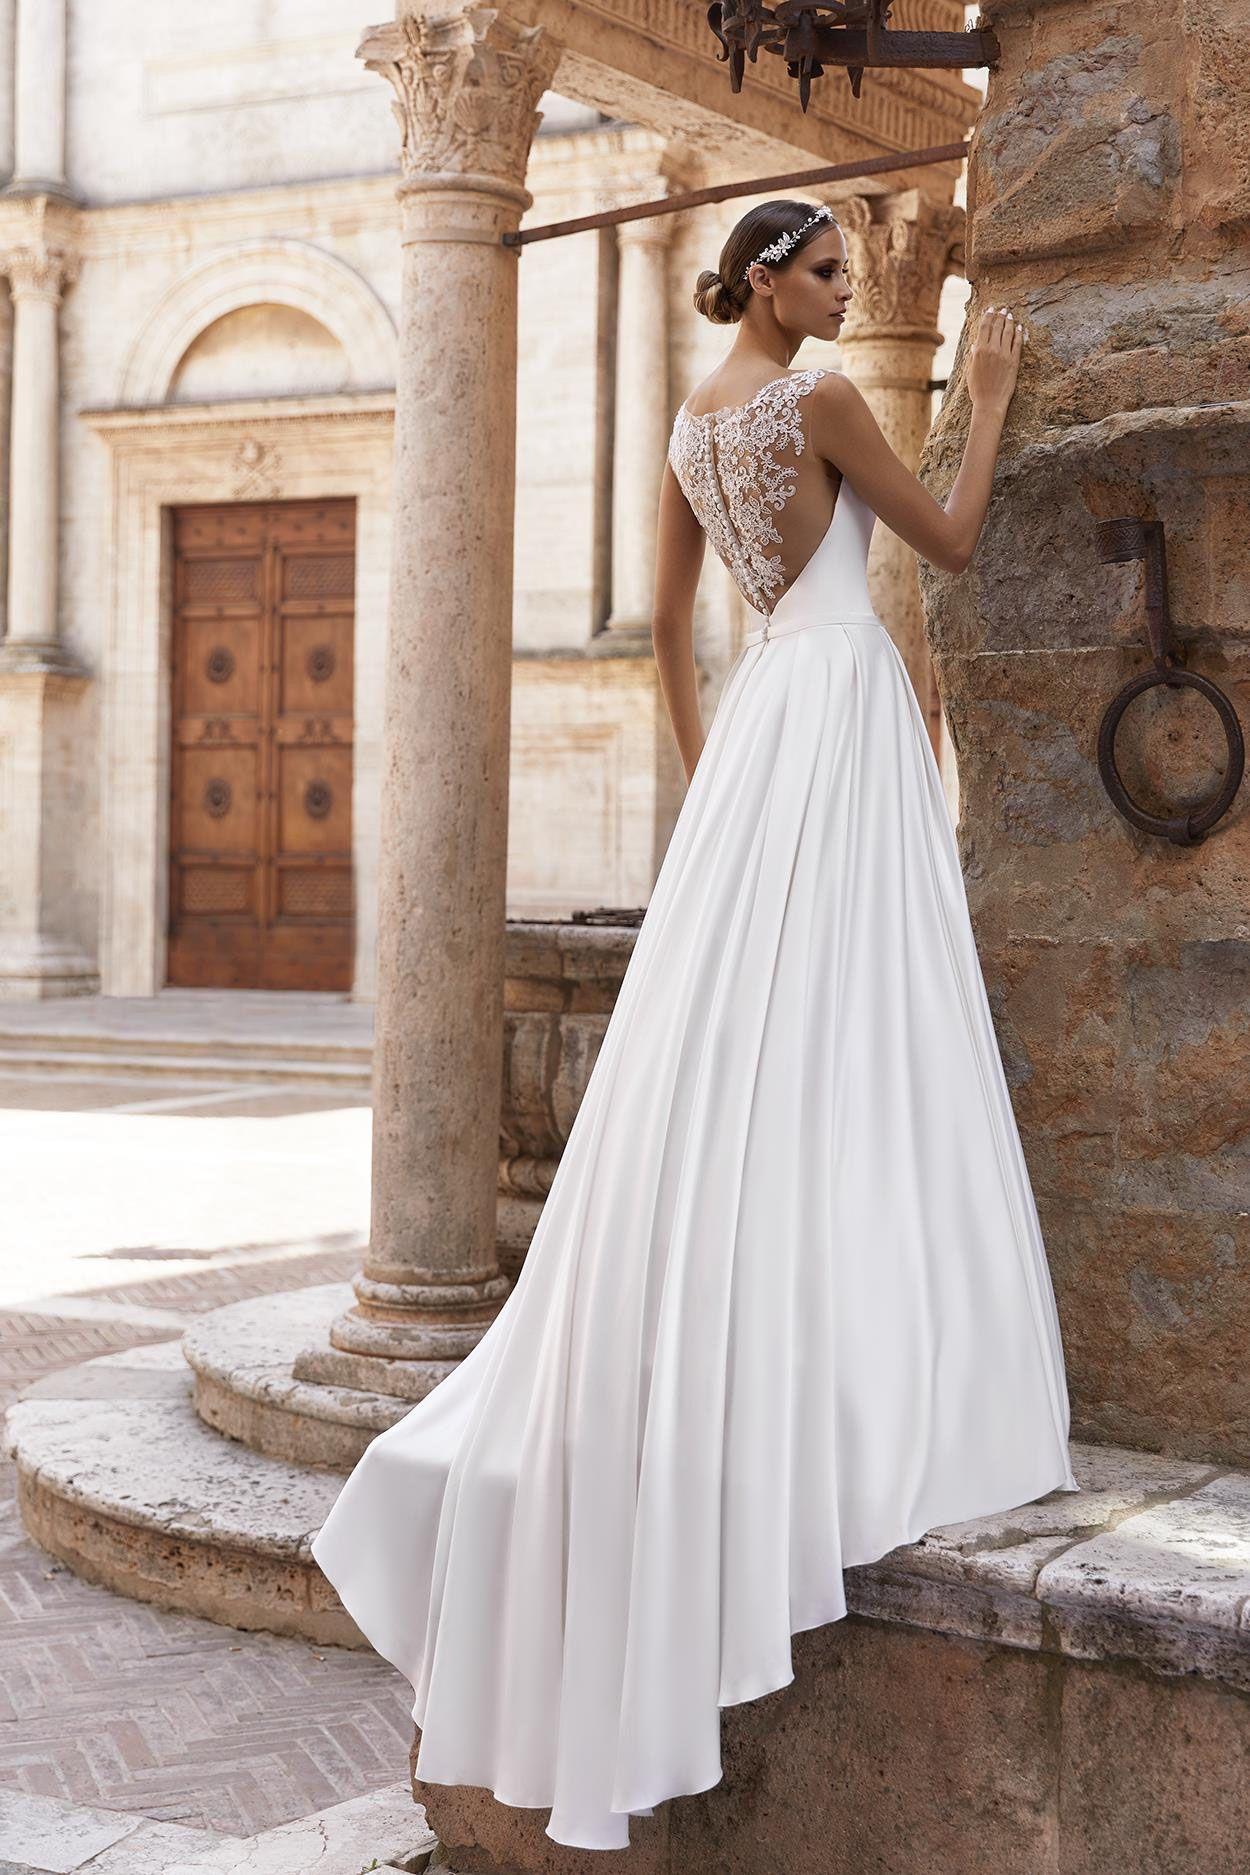 Bianco Evento. Brautkleidkollektion 15. Edle und wunderschöne